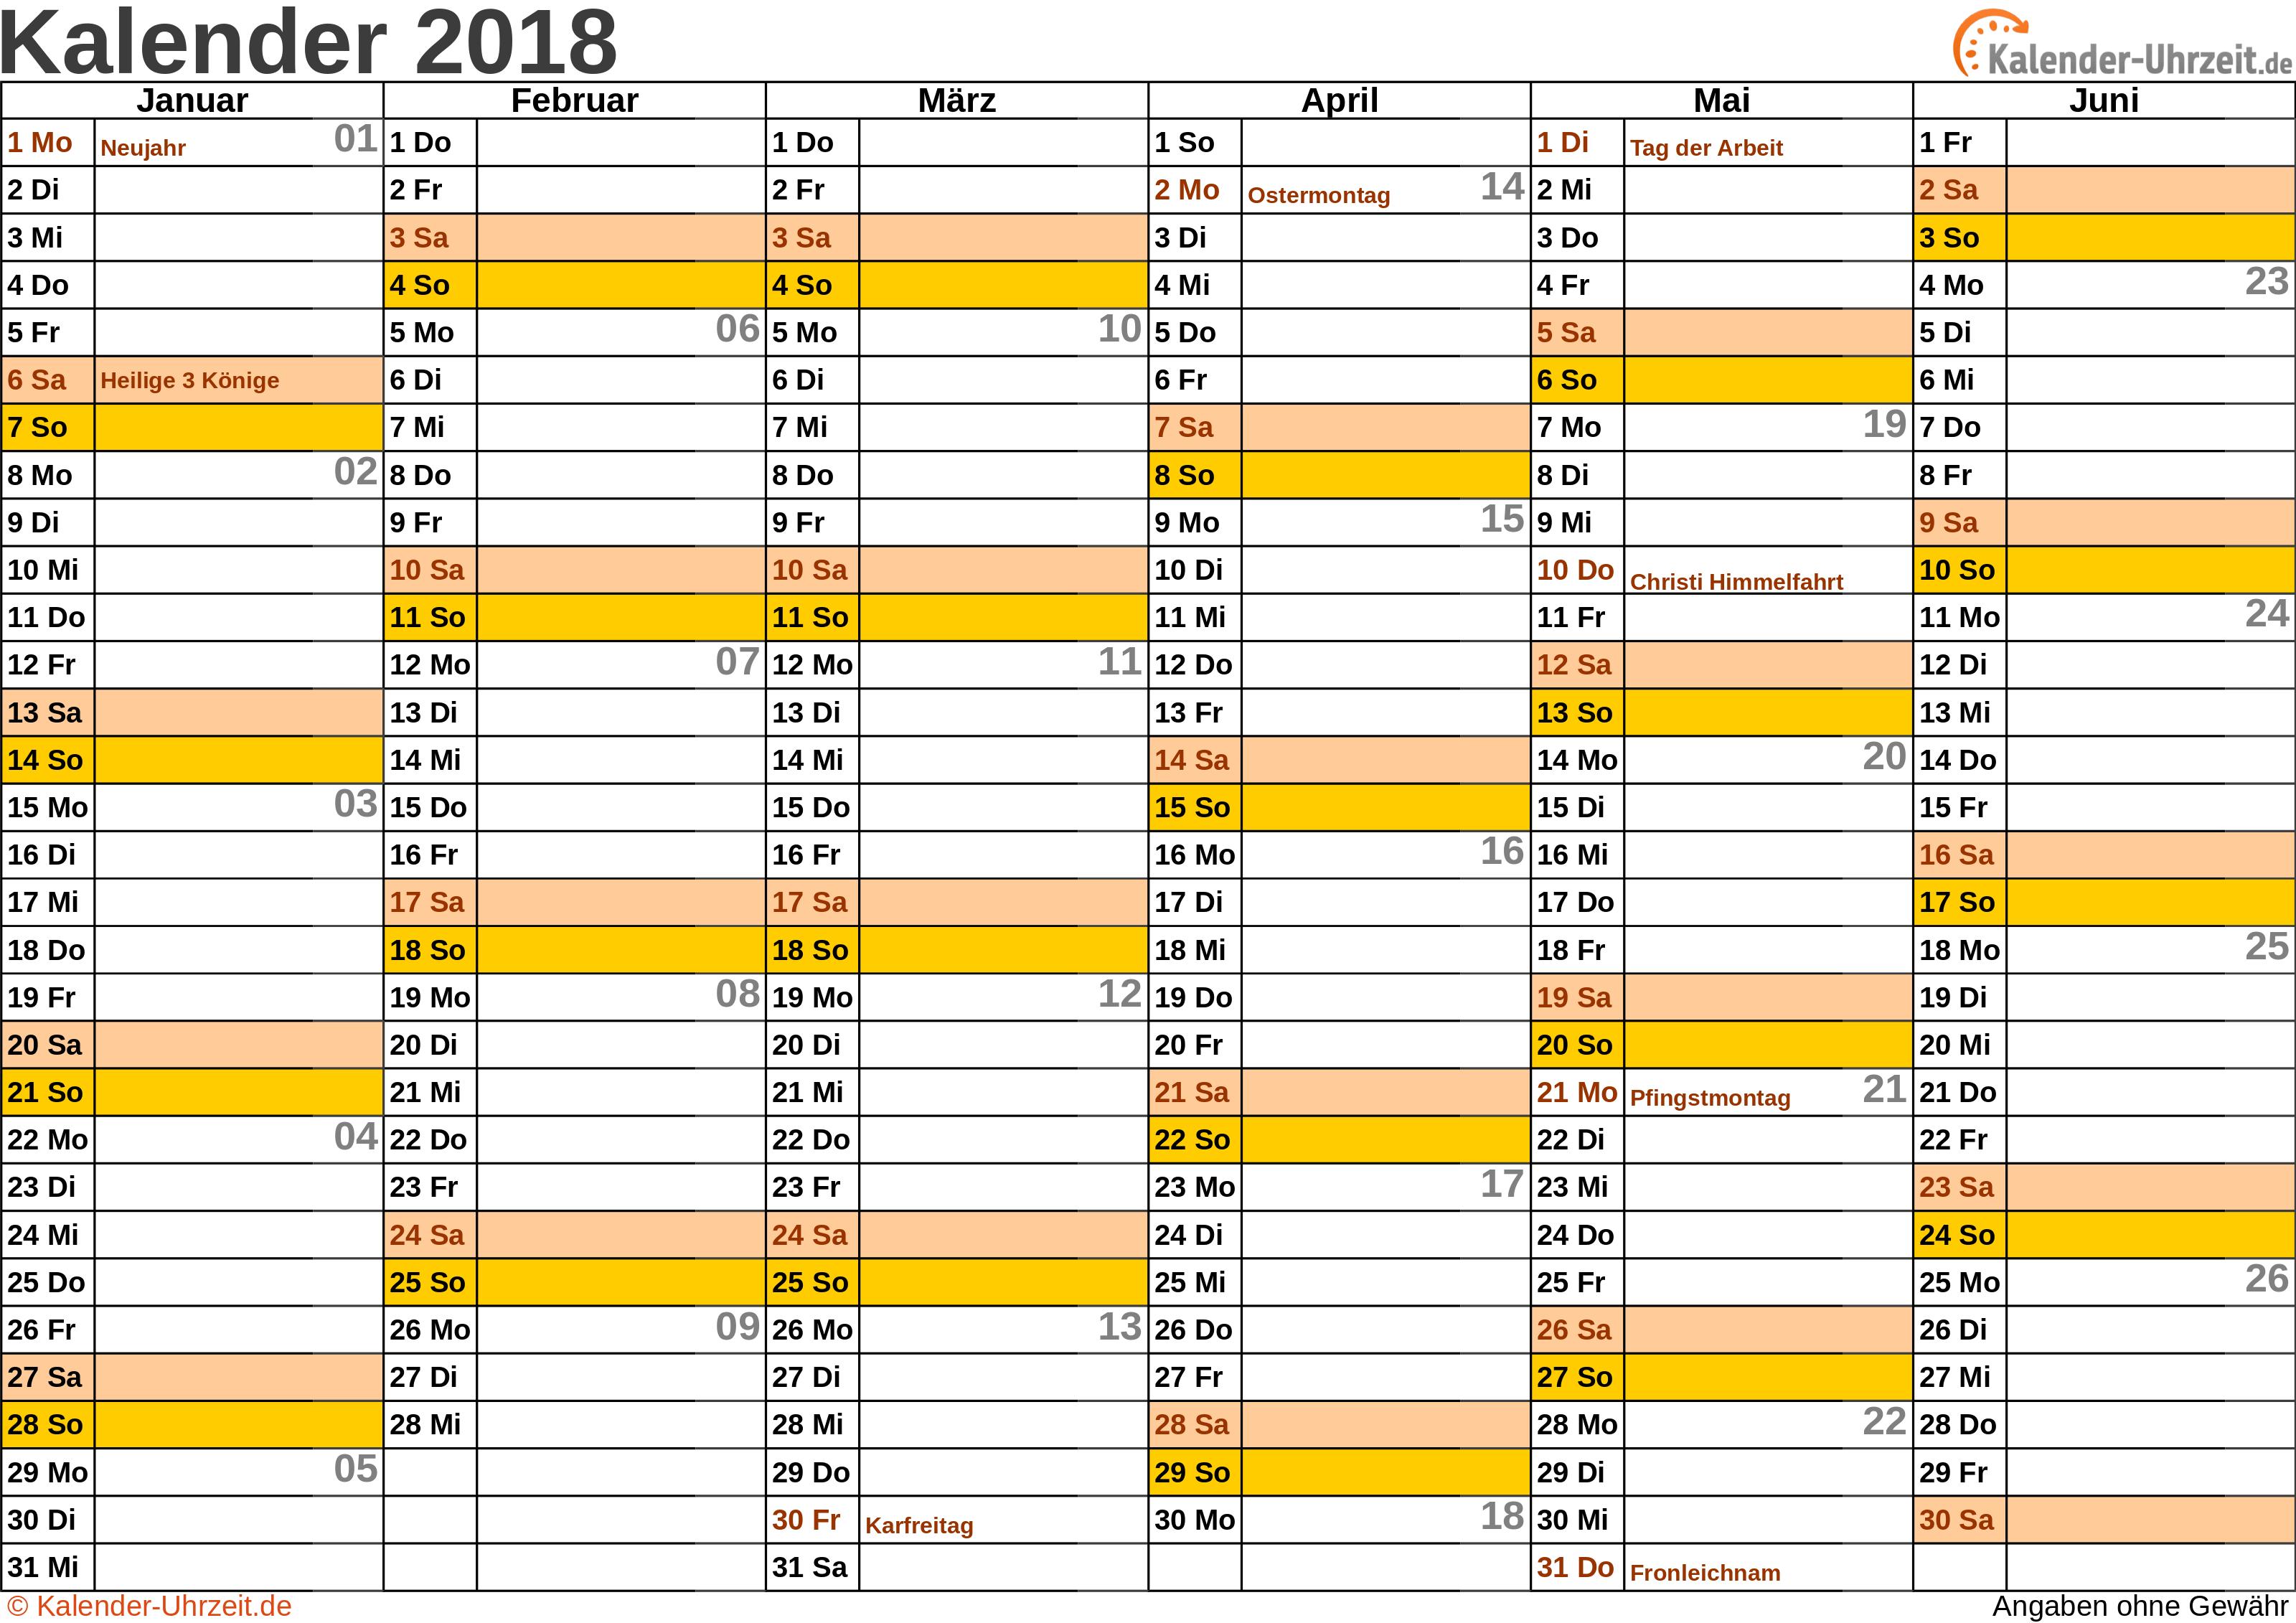 Halbjahreskalender 2018 - Excel-Vorlage 1 Vorschau